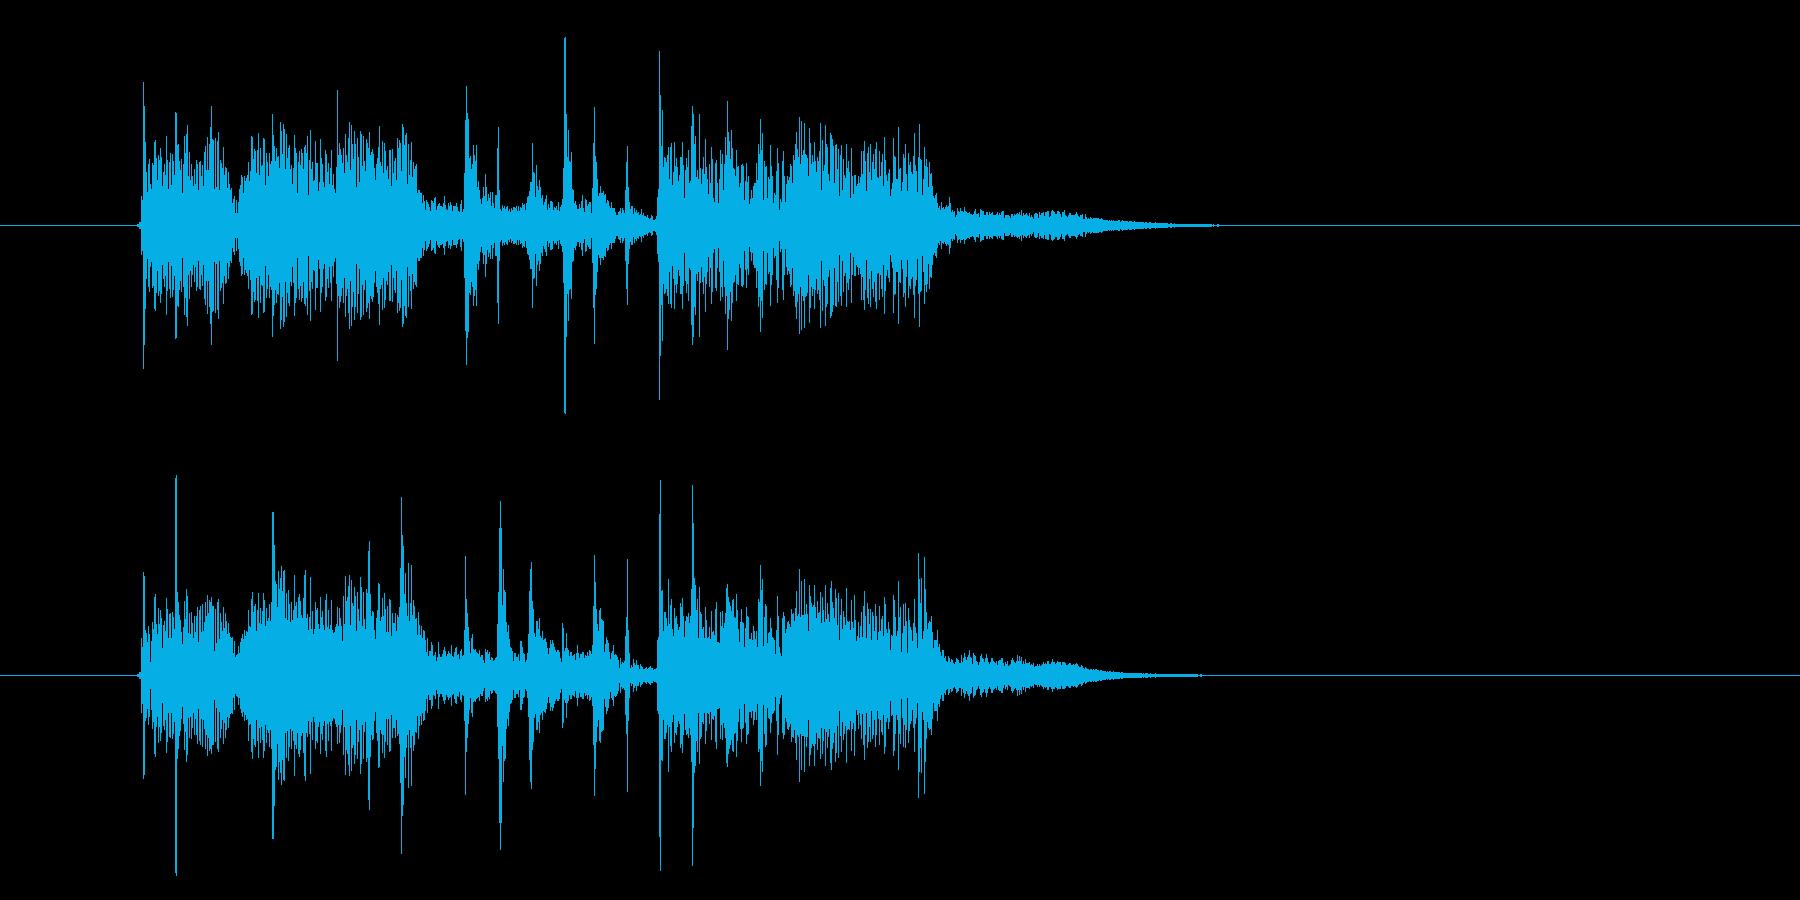 パーカッションの音に浮遊感があるシンセ曲の再生済みの波形